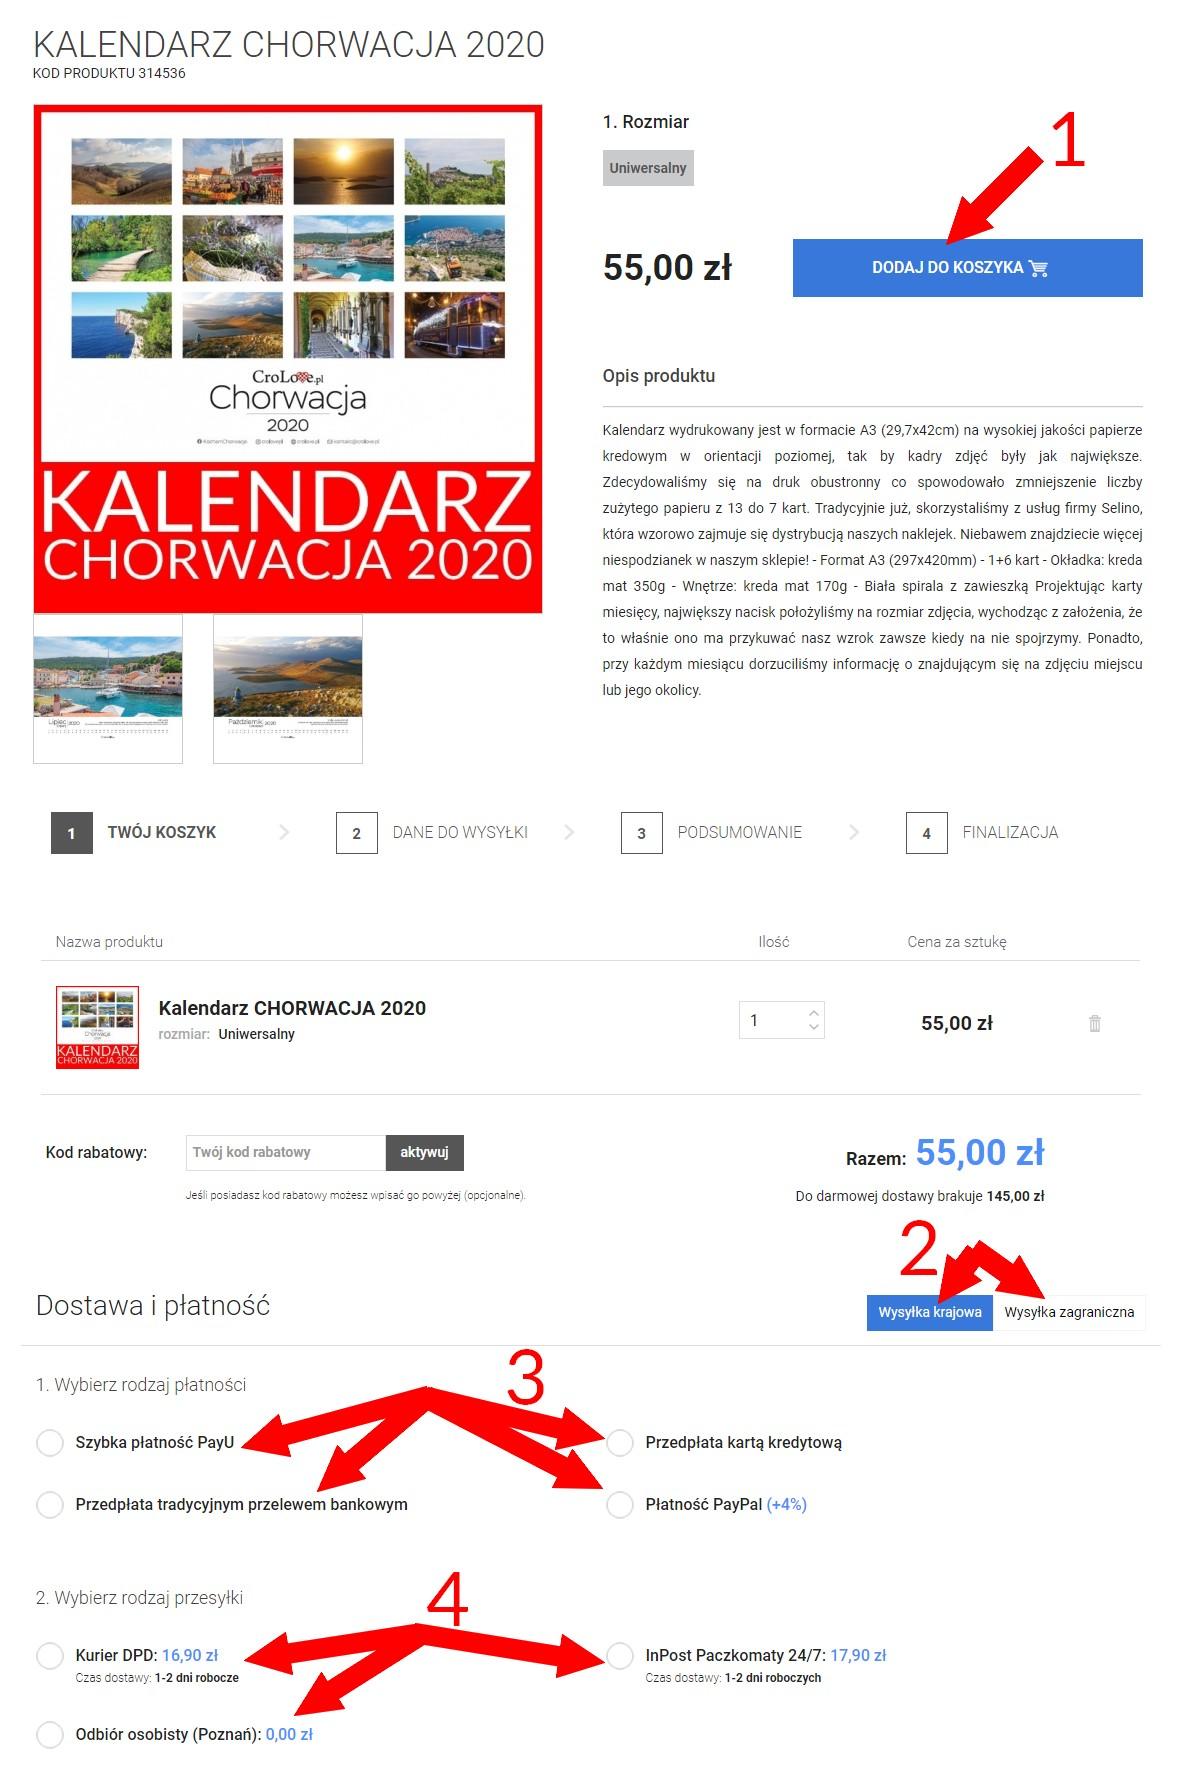 Jak zamawiać kalendarz Chorwacja 2020